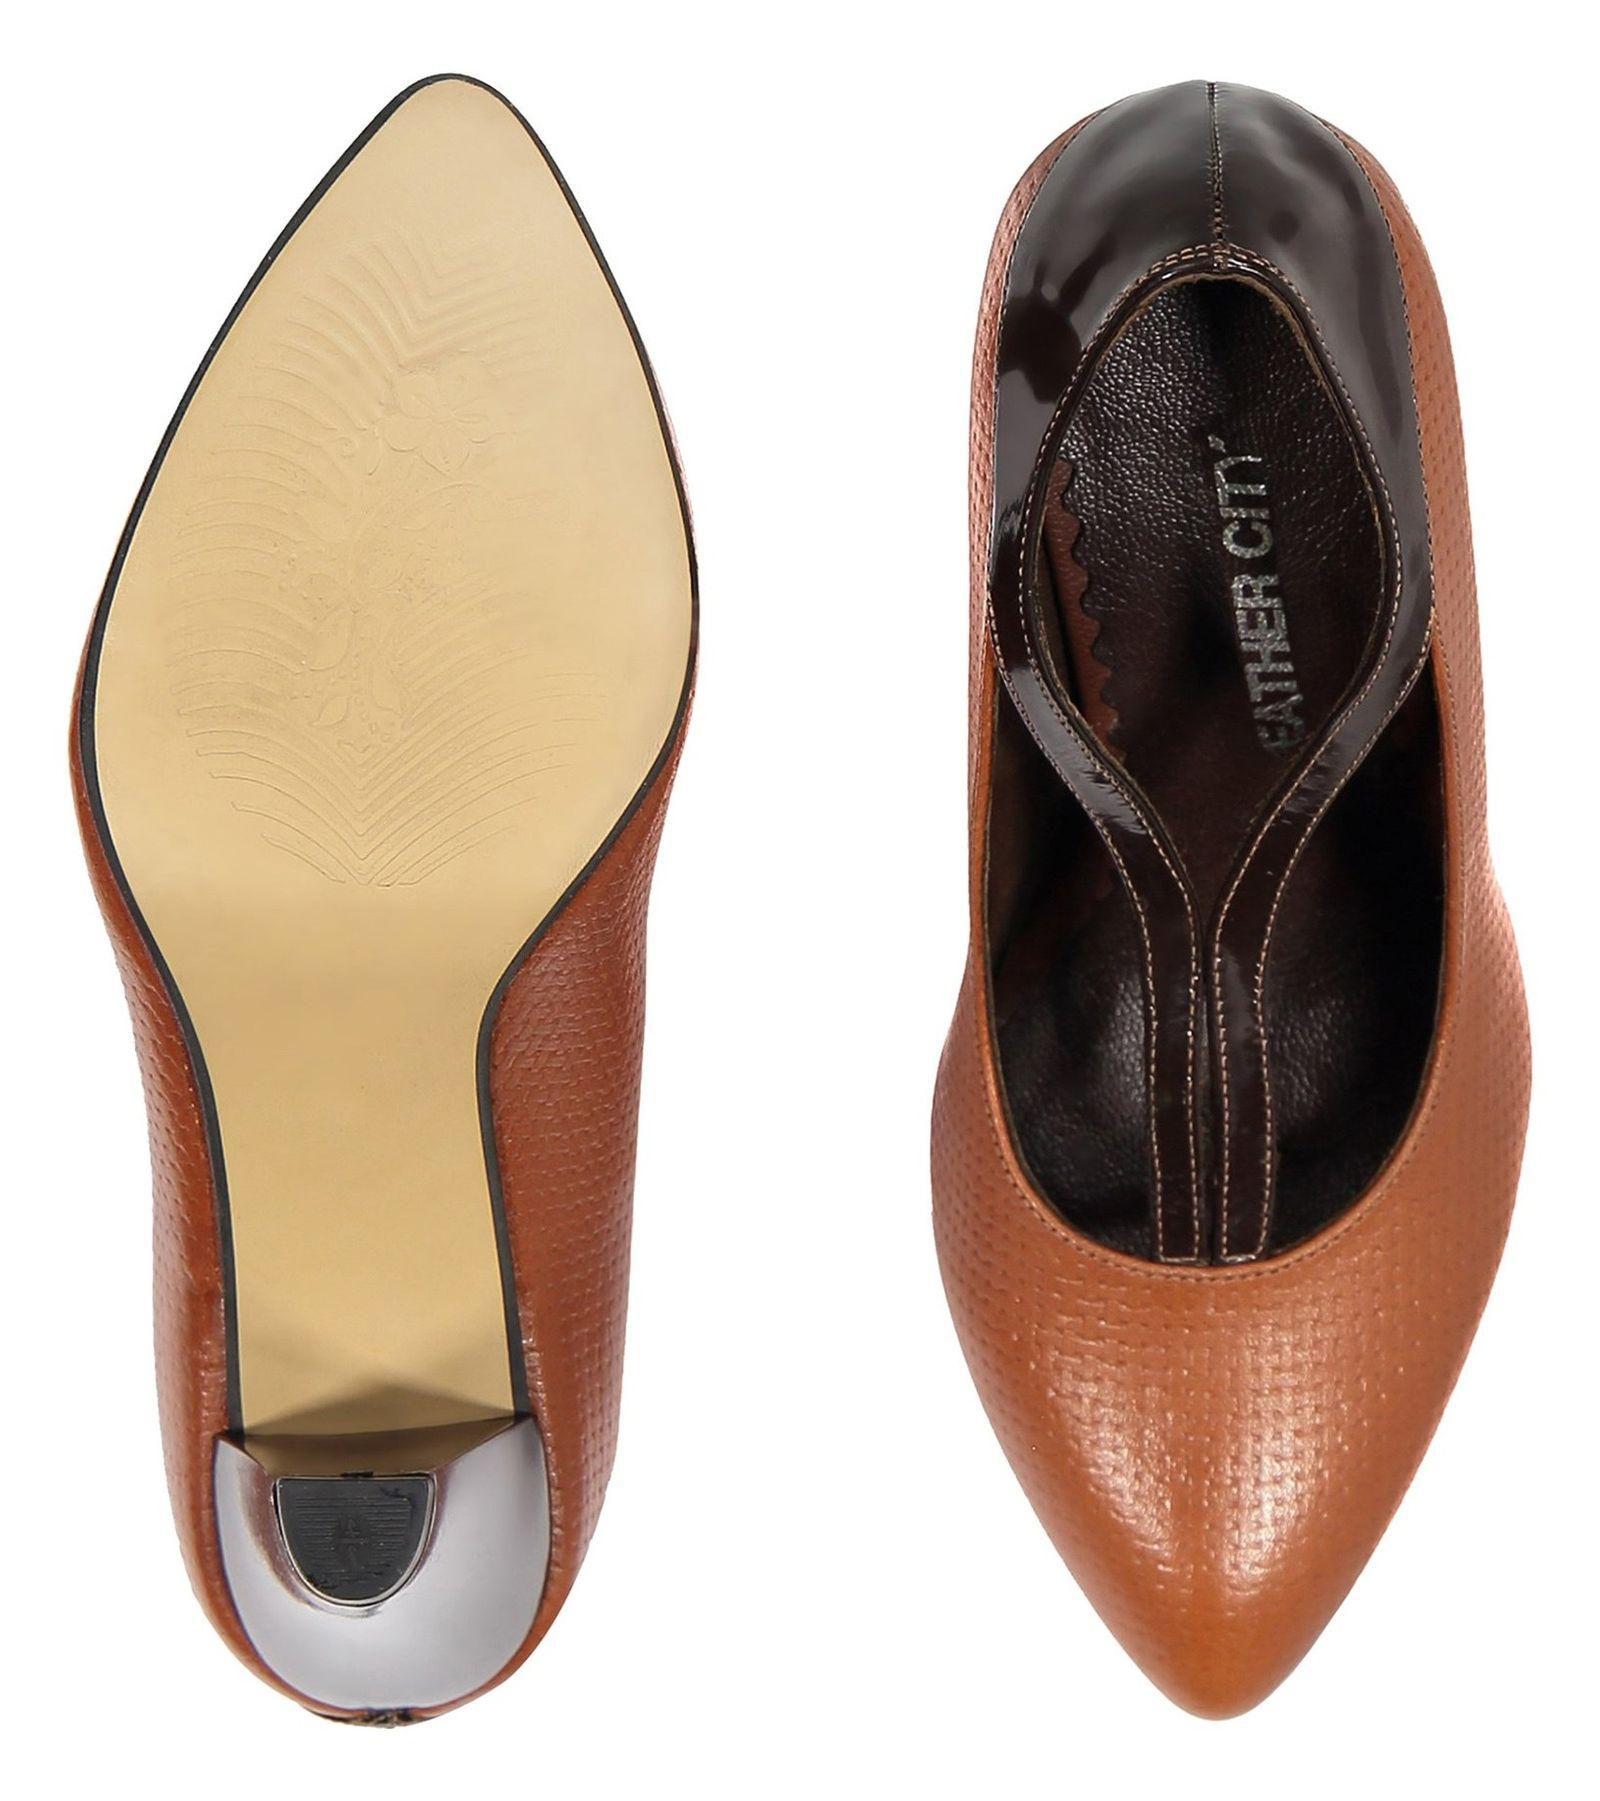 کفش پاشنه بلند چرم زنانه - شهر چرم - قهوه ای و عسلی - 1